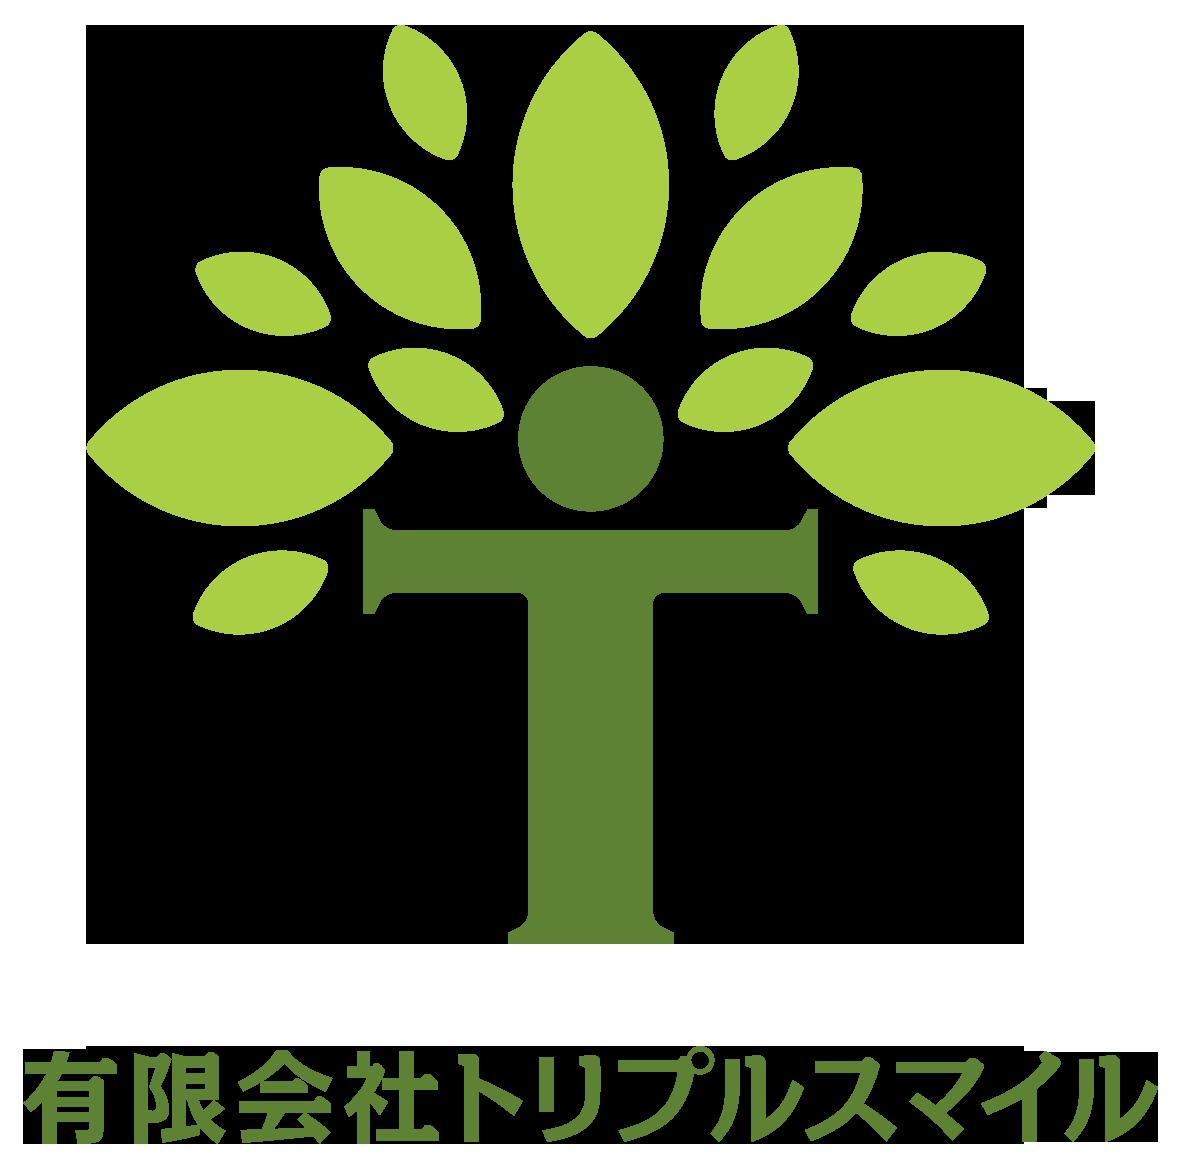 その他と親しみ/優しいと緑のロゴ